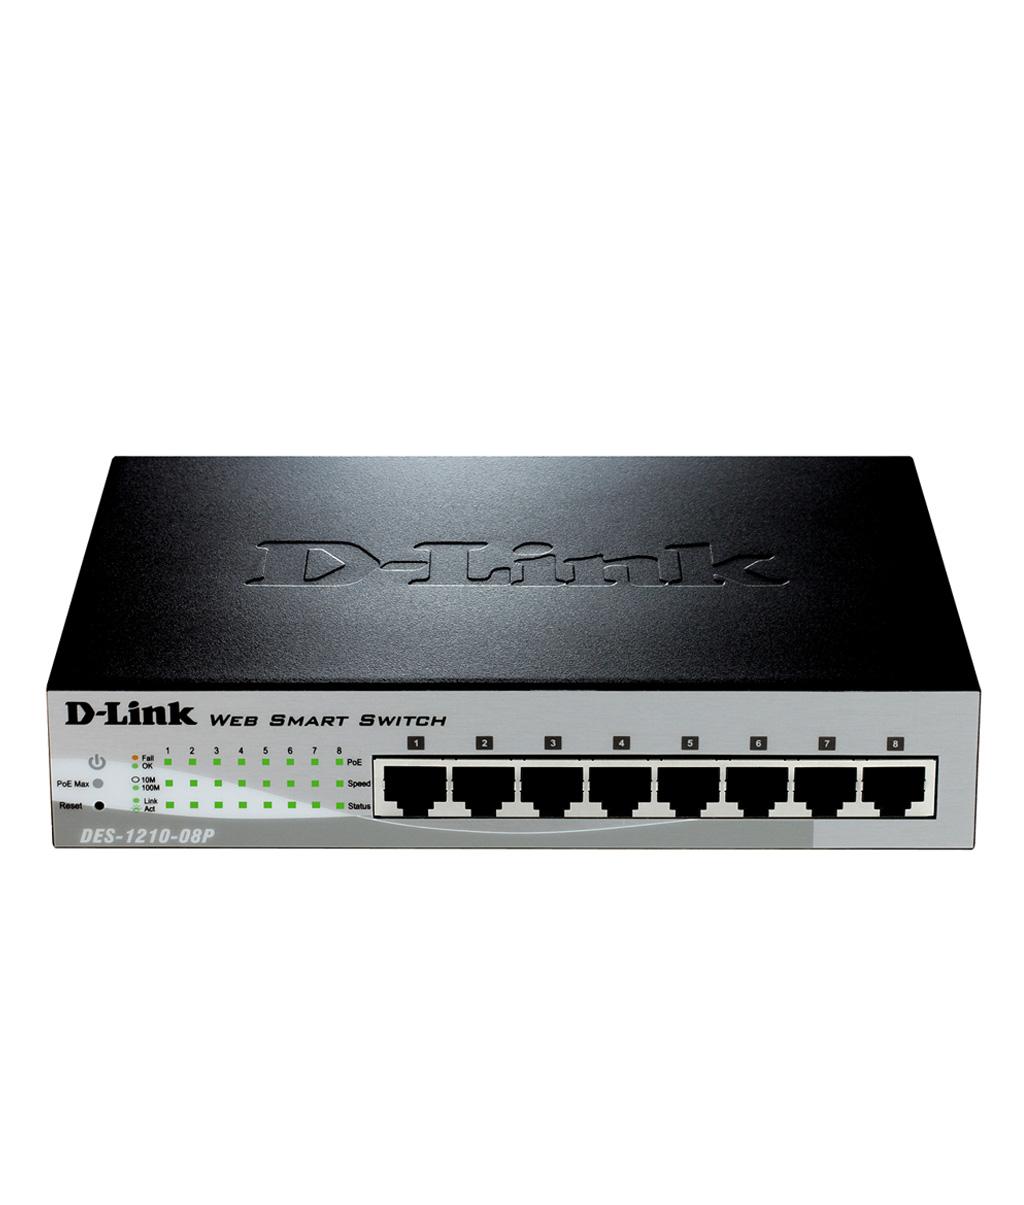 D Link 8 Port Fast Ethernet PoE Smart Switch DES 1210 08P